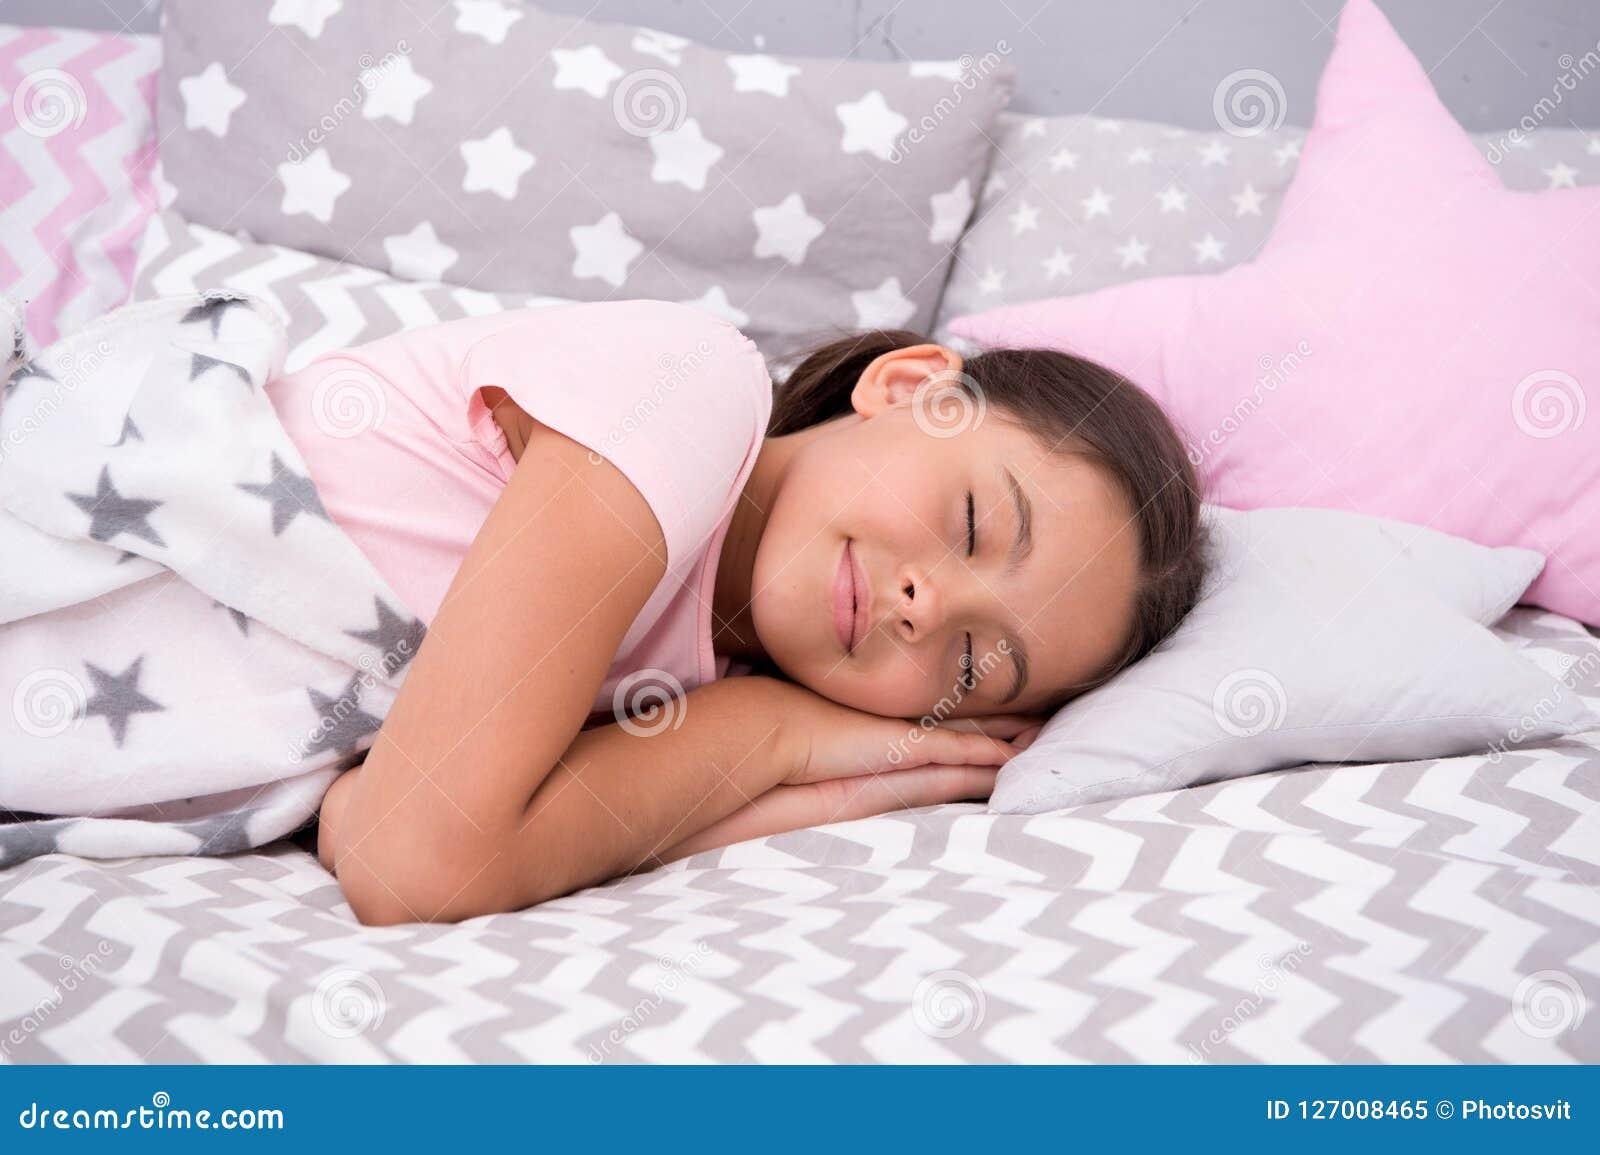 Ребенок девушки падает уснувший на подушке Качество сна зависит на много факторов Выберите правильную подушку для того чтобы спат